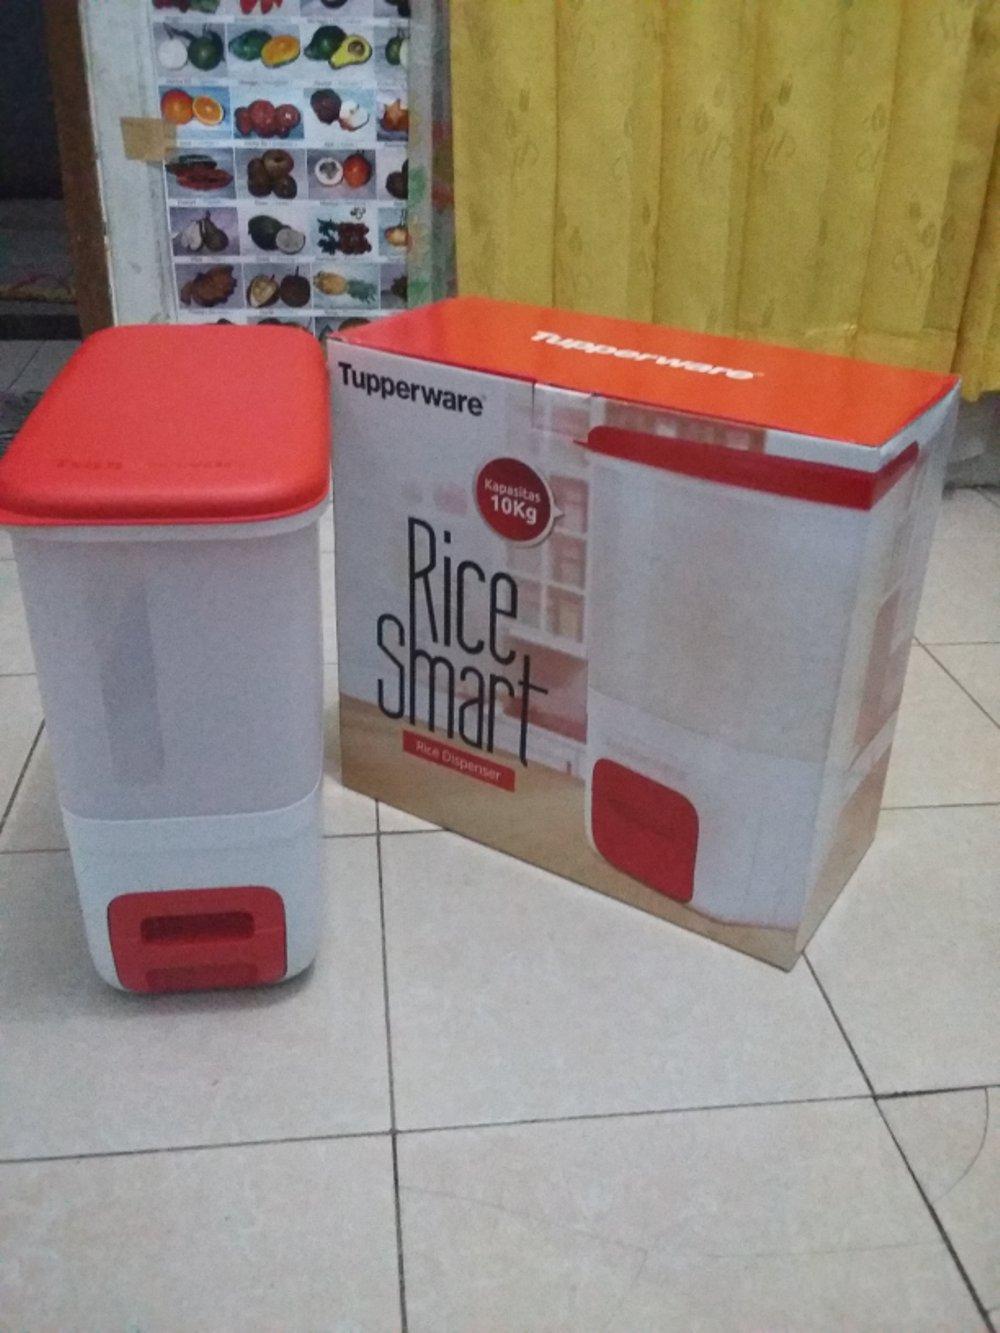 Tempat beras/Rice smart Tupperware di lapak Denis_olshop84 denis_andini